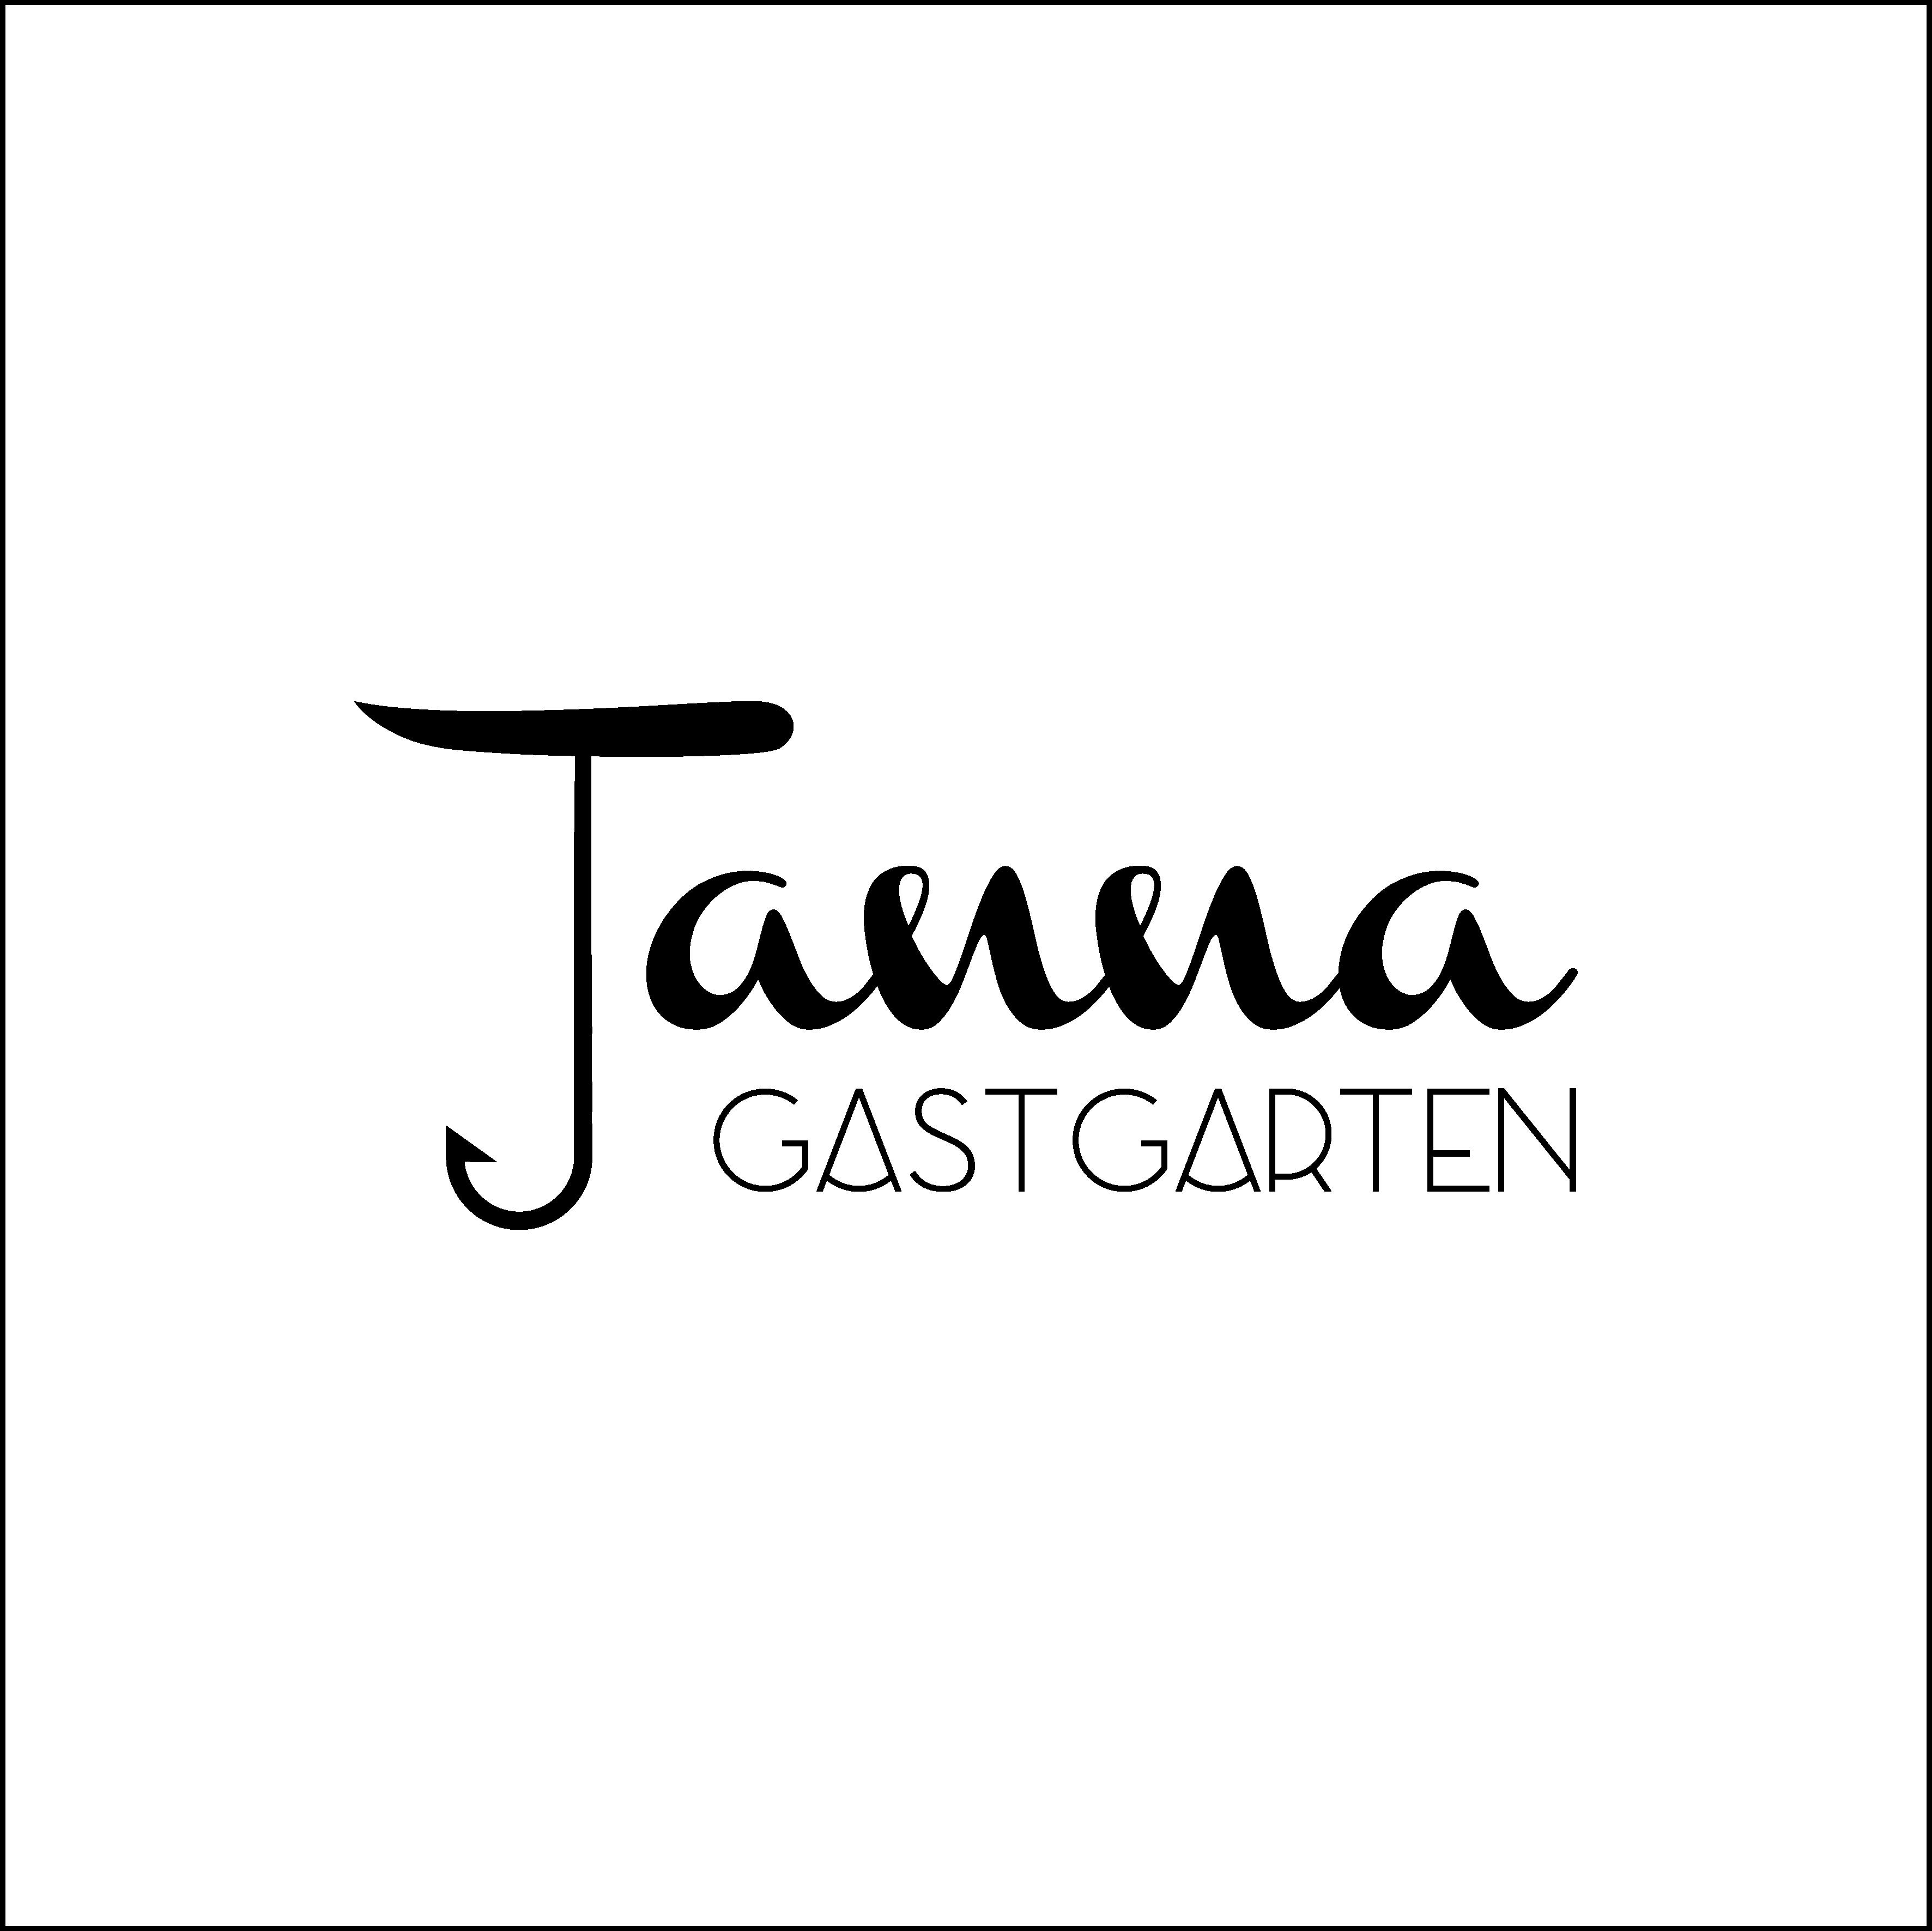 gastgarten tanna bregenzerwald logo atelyay